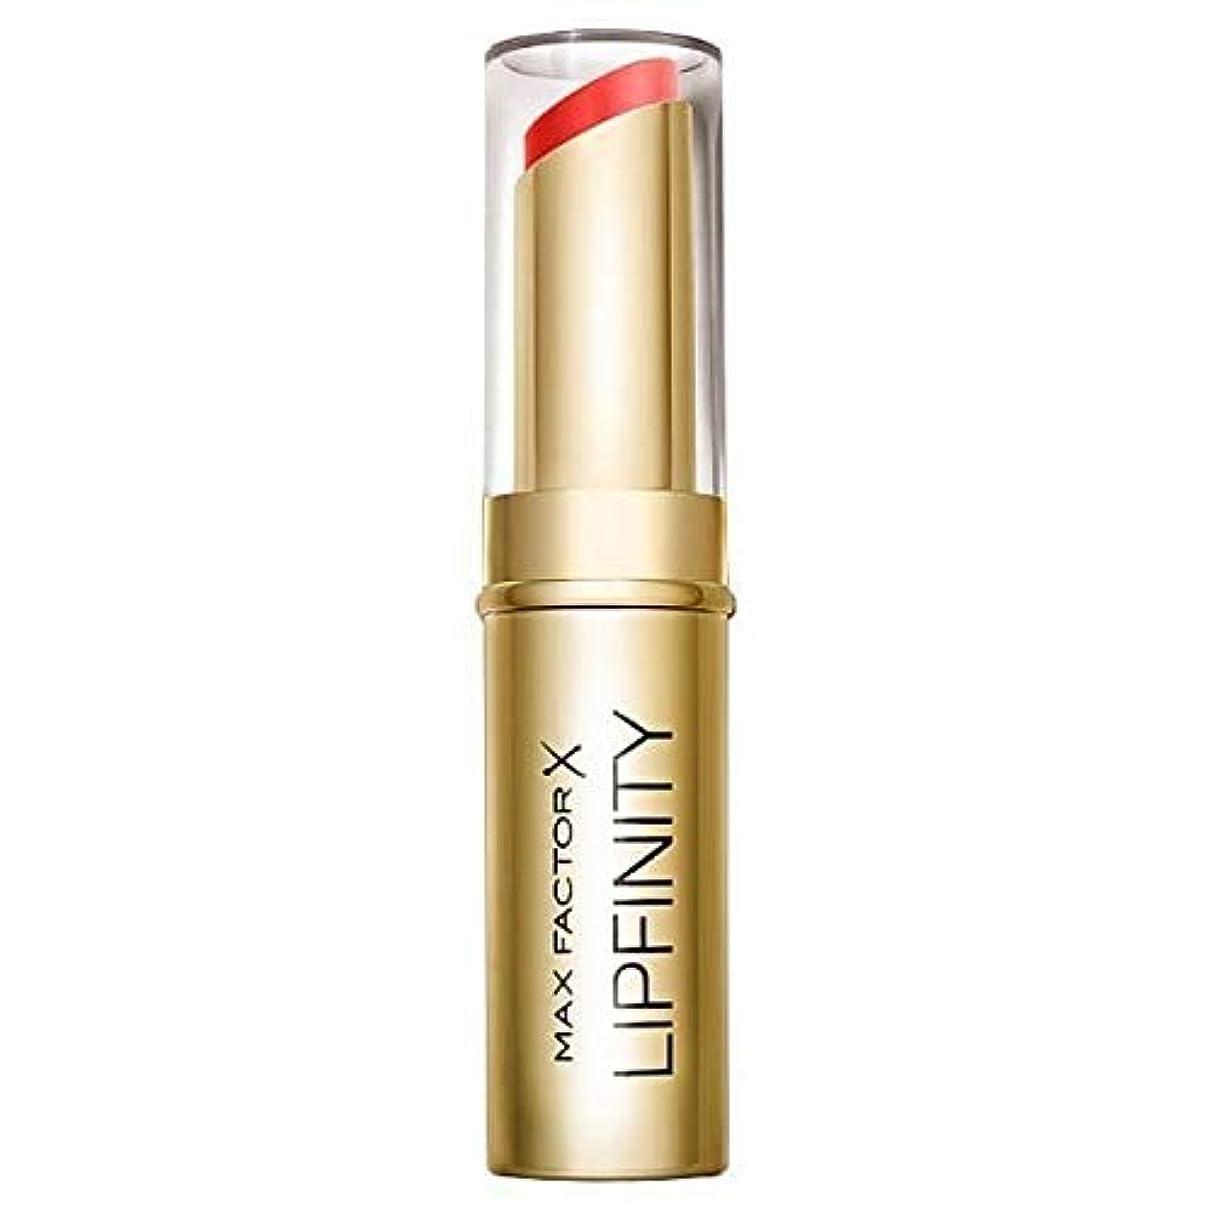 黄ばむ破産牧師[Max Factor ] 長い口紅だけの豪華持続マックスファクターLipfinity - Max Factor Lipfinity Long Lasting Lipstick Just Deluxe [並行輸入品]